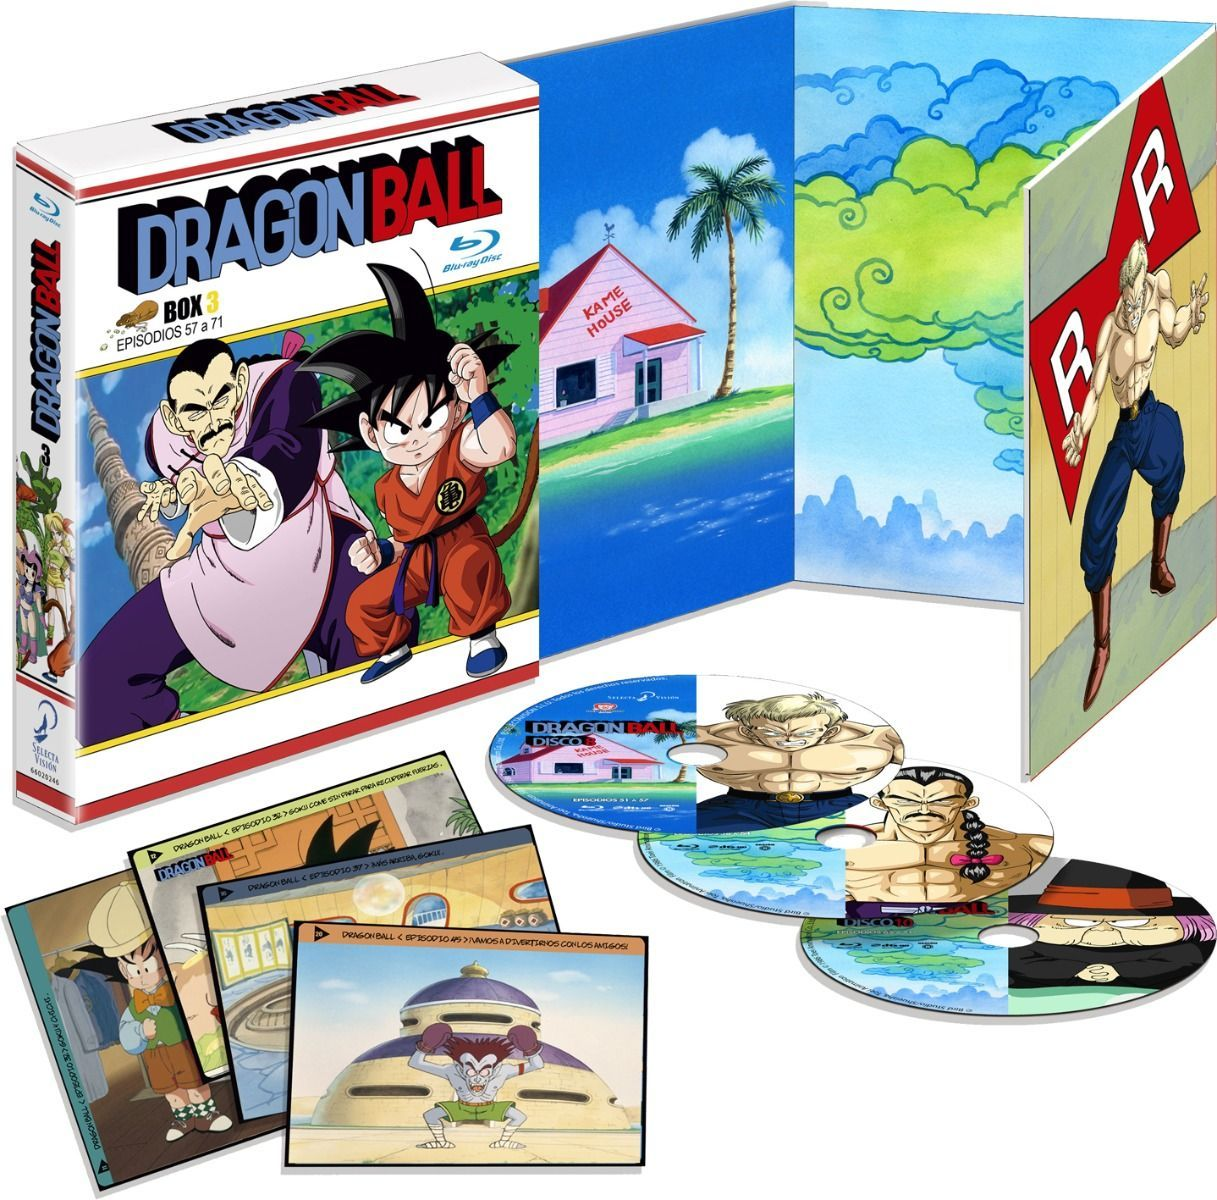 Dragon Ball box 3 bd